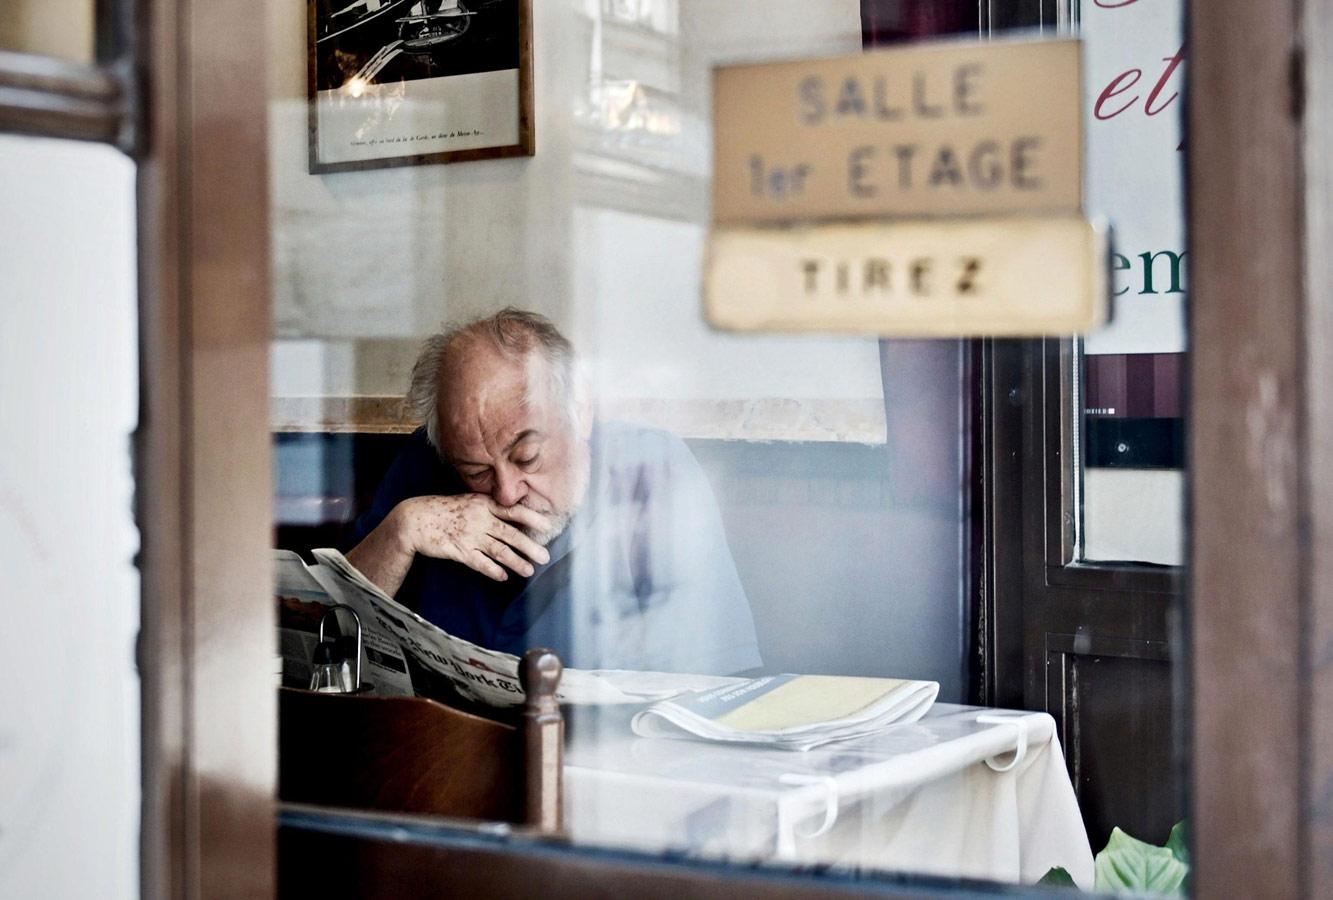 Читатель, © Миа Ферес, Люди, Фотоконкурс CEWE